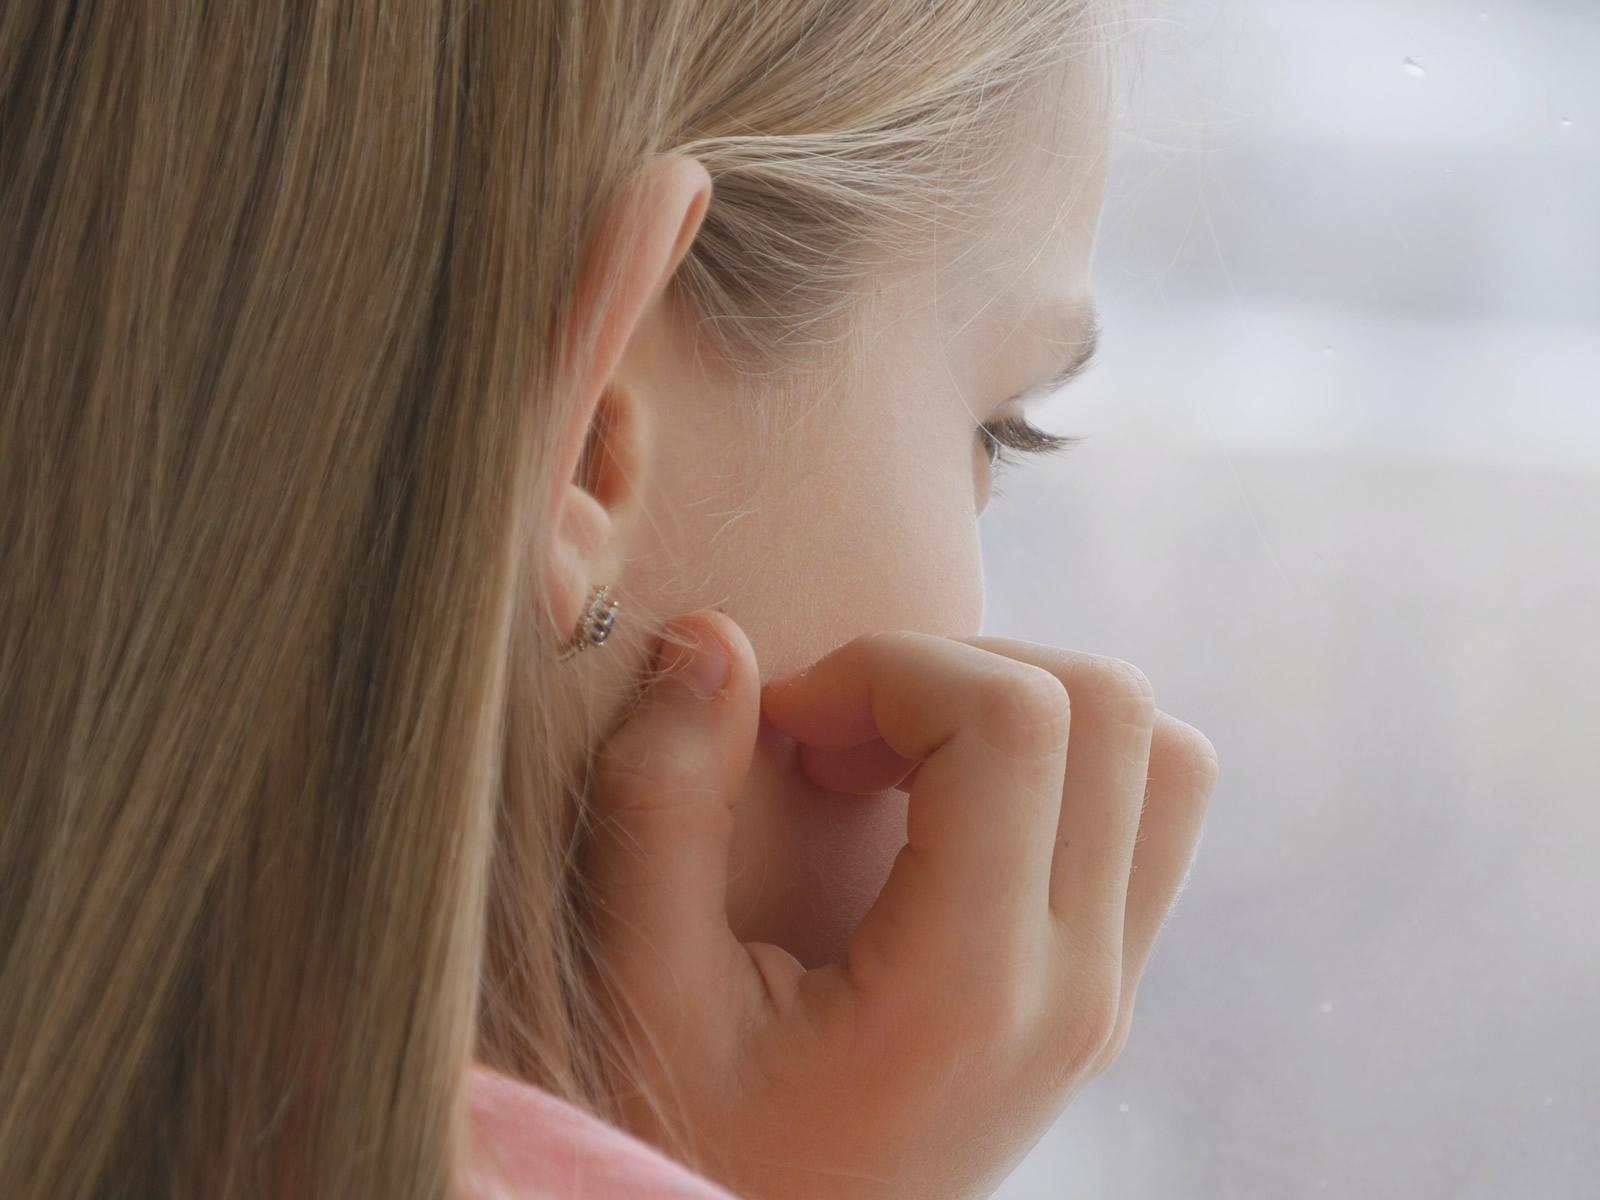 Depressione reattiva - psicologi online